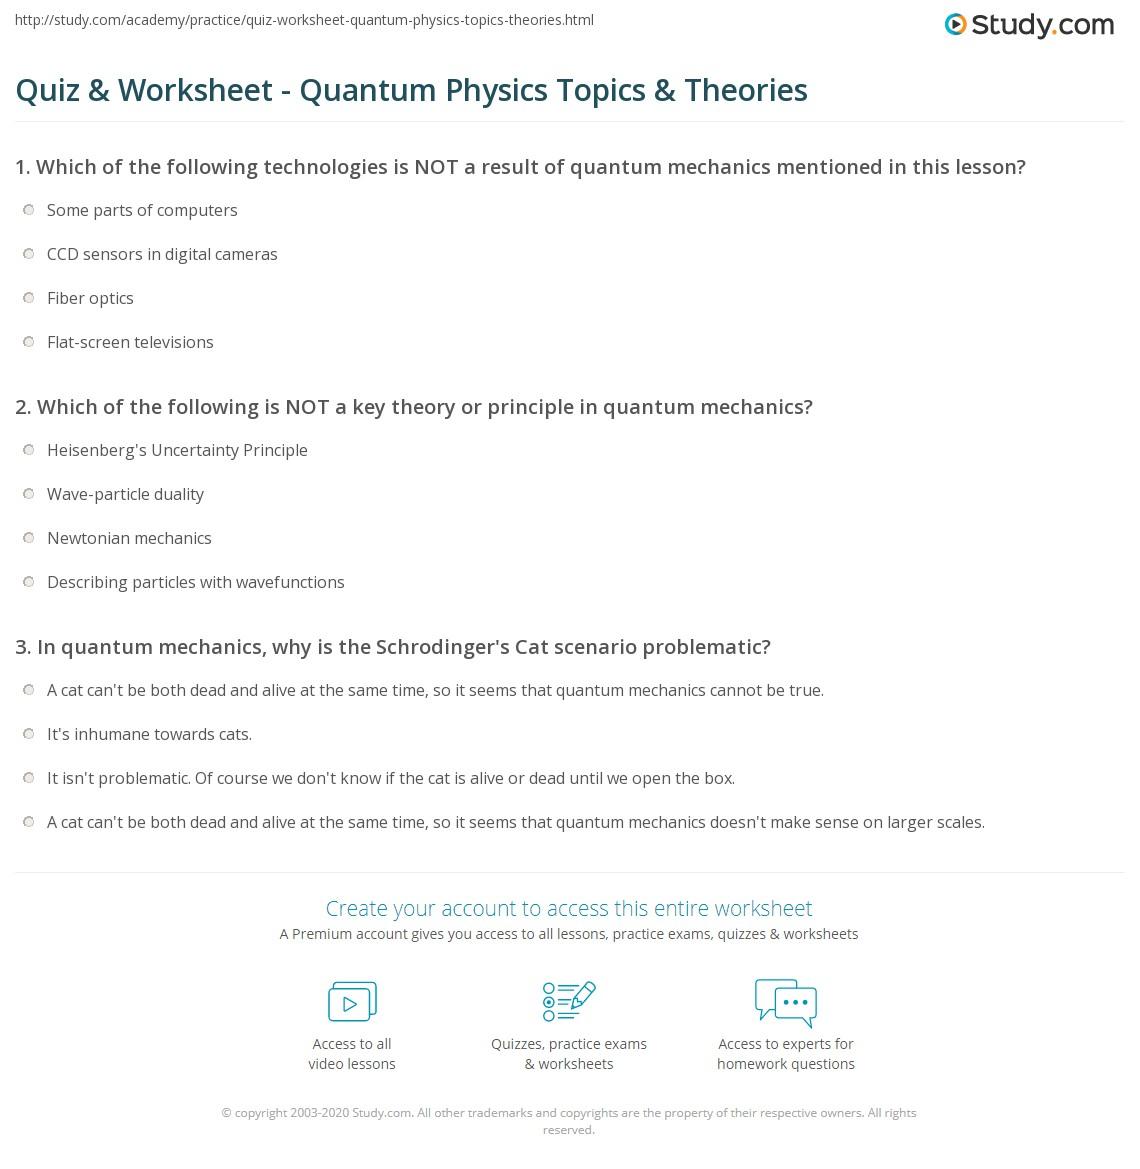 quiz worksheet quantum physics topics theories. Black Bedroom Furniture Sets. Home Design Ideas